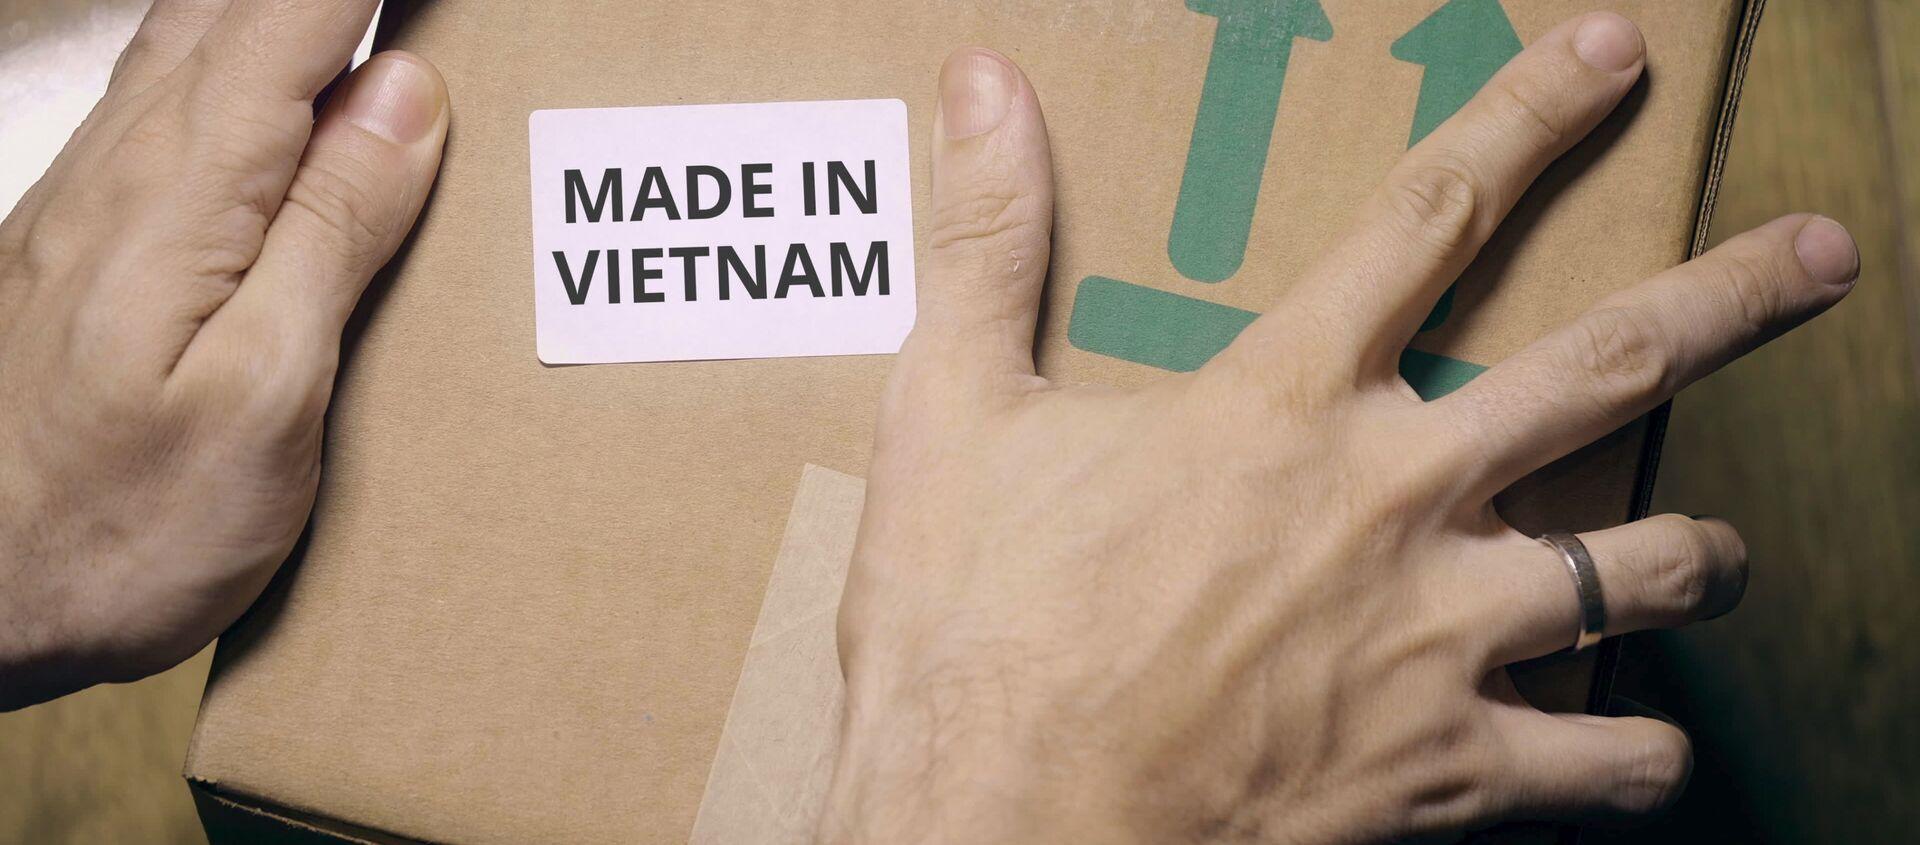 Made in Vietnam - Sputnik Việt Nam, 1920, 02.08.2019